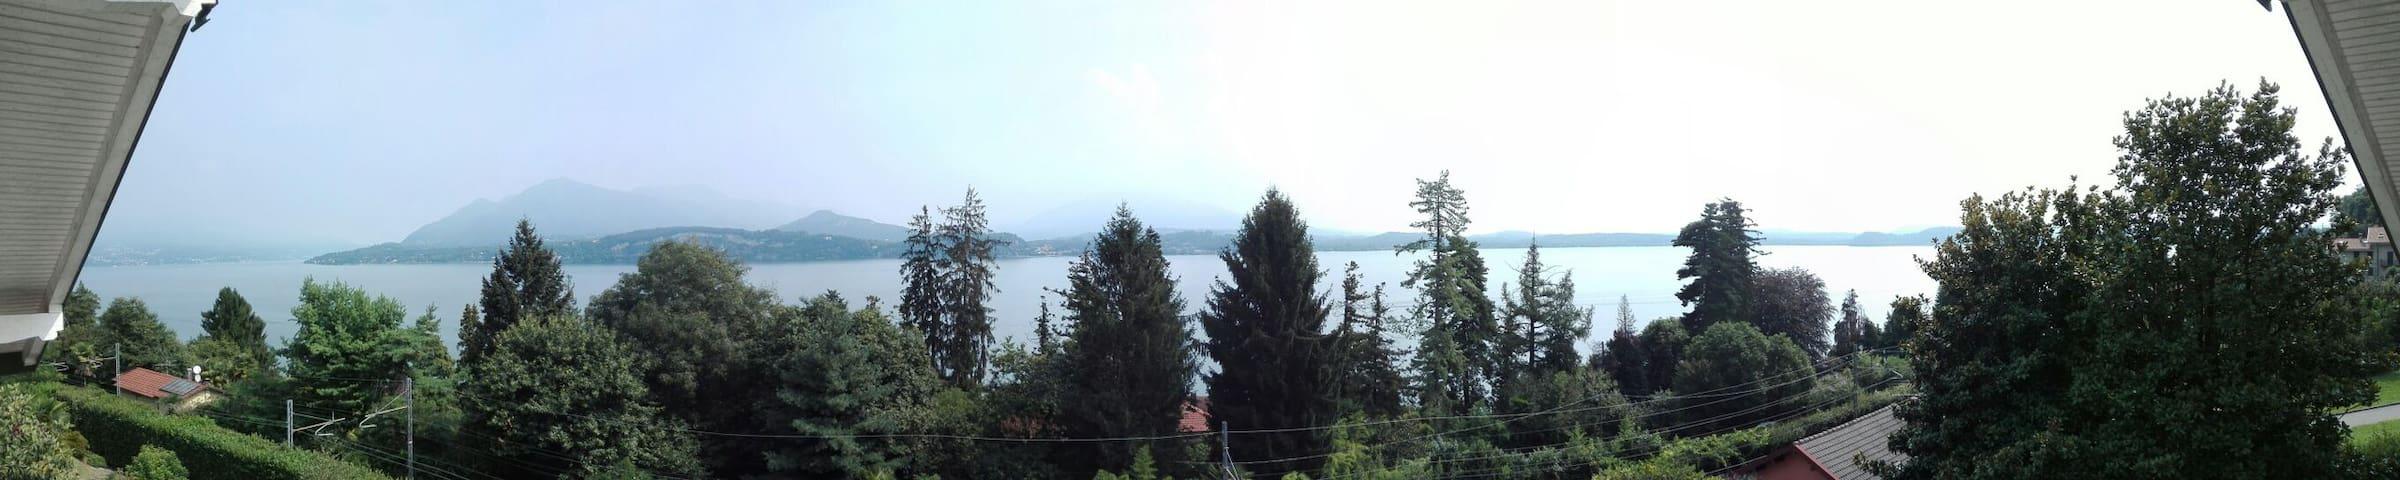 Appartamento nel cuore del Lago Maggiore - Belgirate - アパート